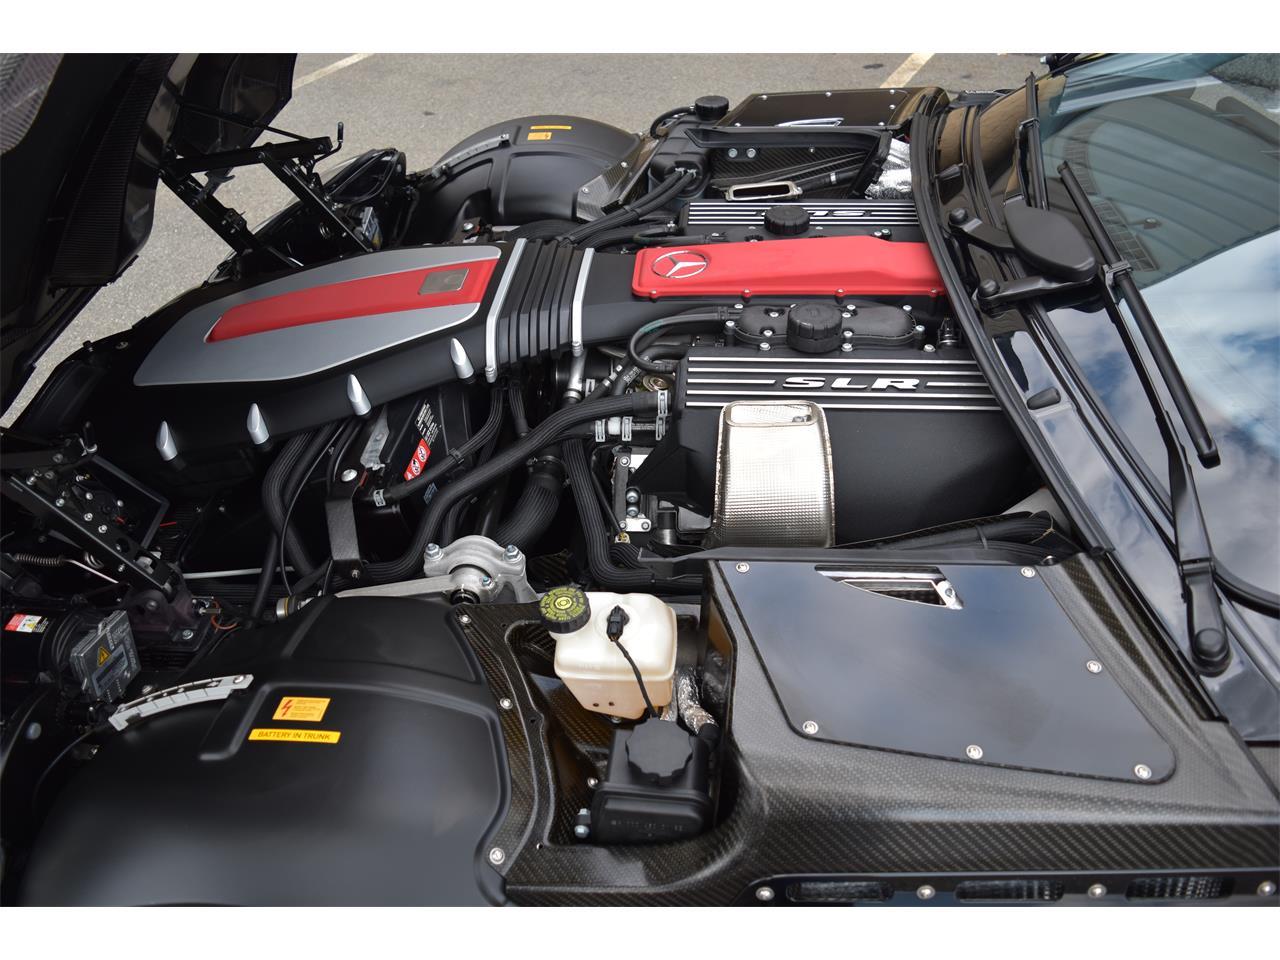 Large Picture of 2006 Mercedes-Benz SLR McLaren Auction Vehicle - LS3K